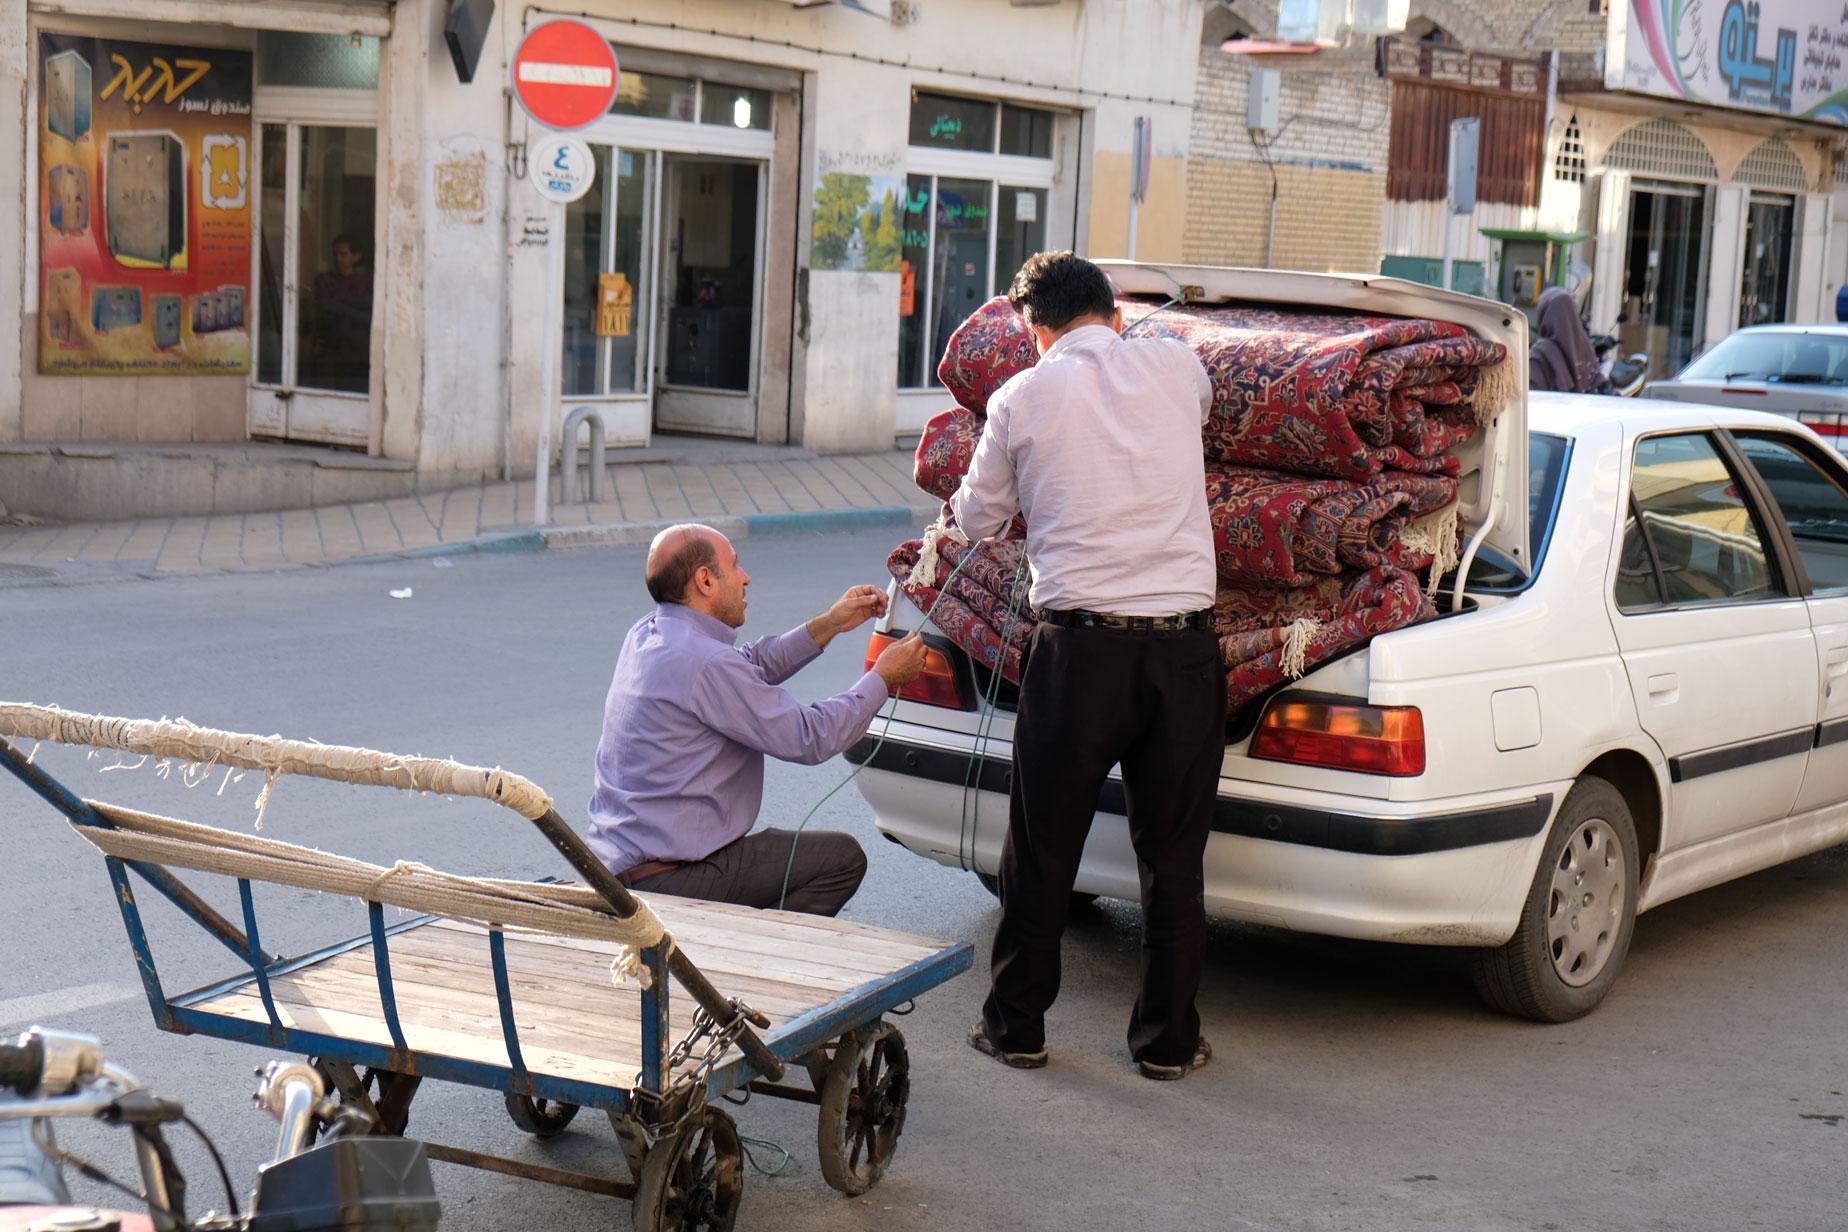 Zwei Männer binden drei große Teppiche am Kofferaum eines Autos fest